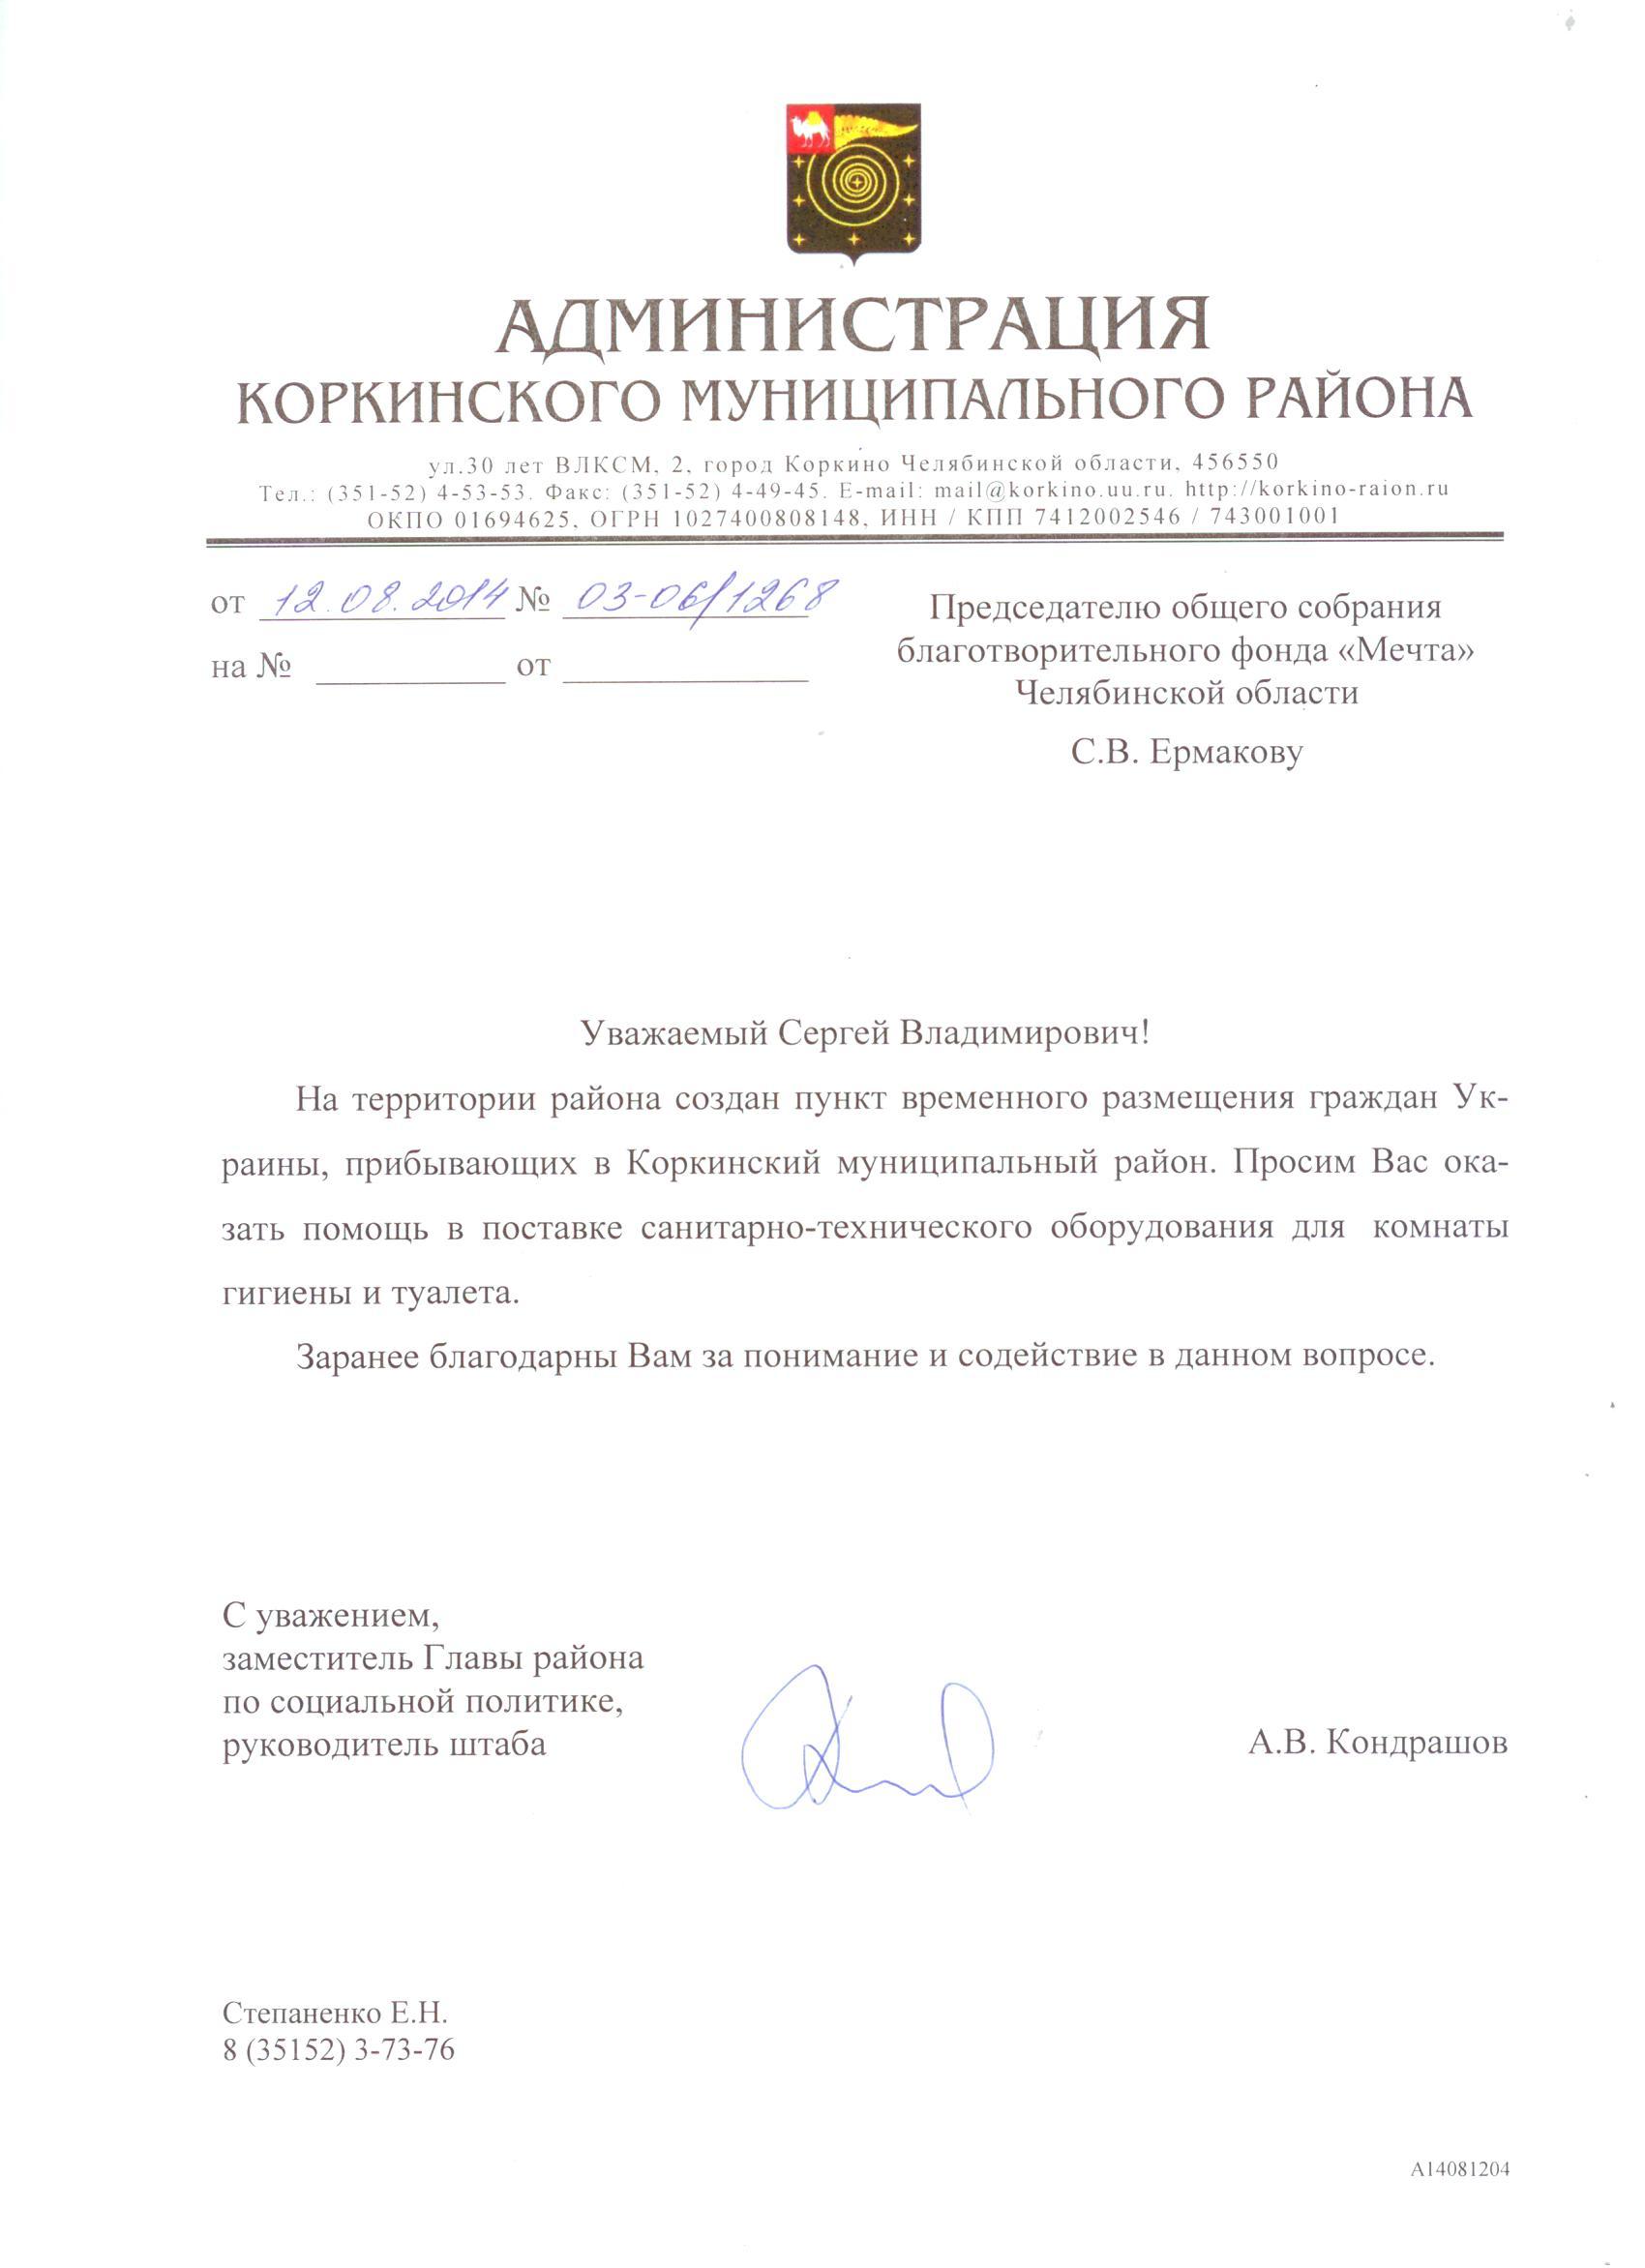 Администрация Коркино письмо